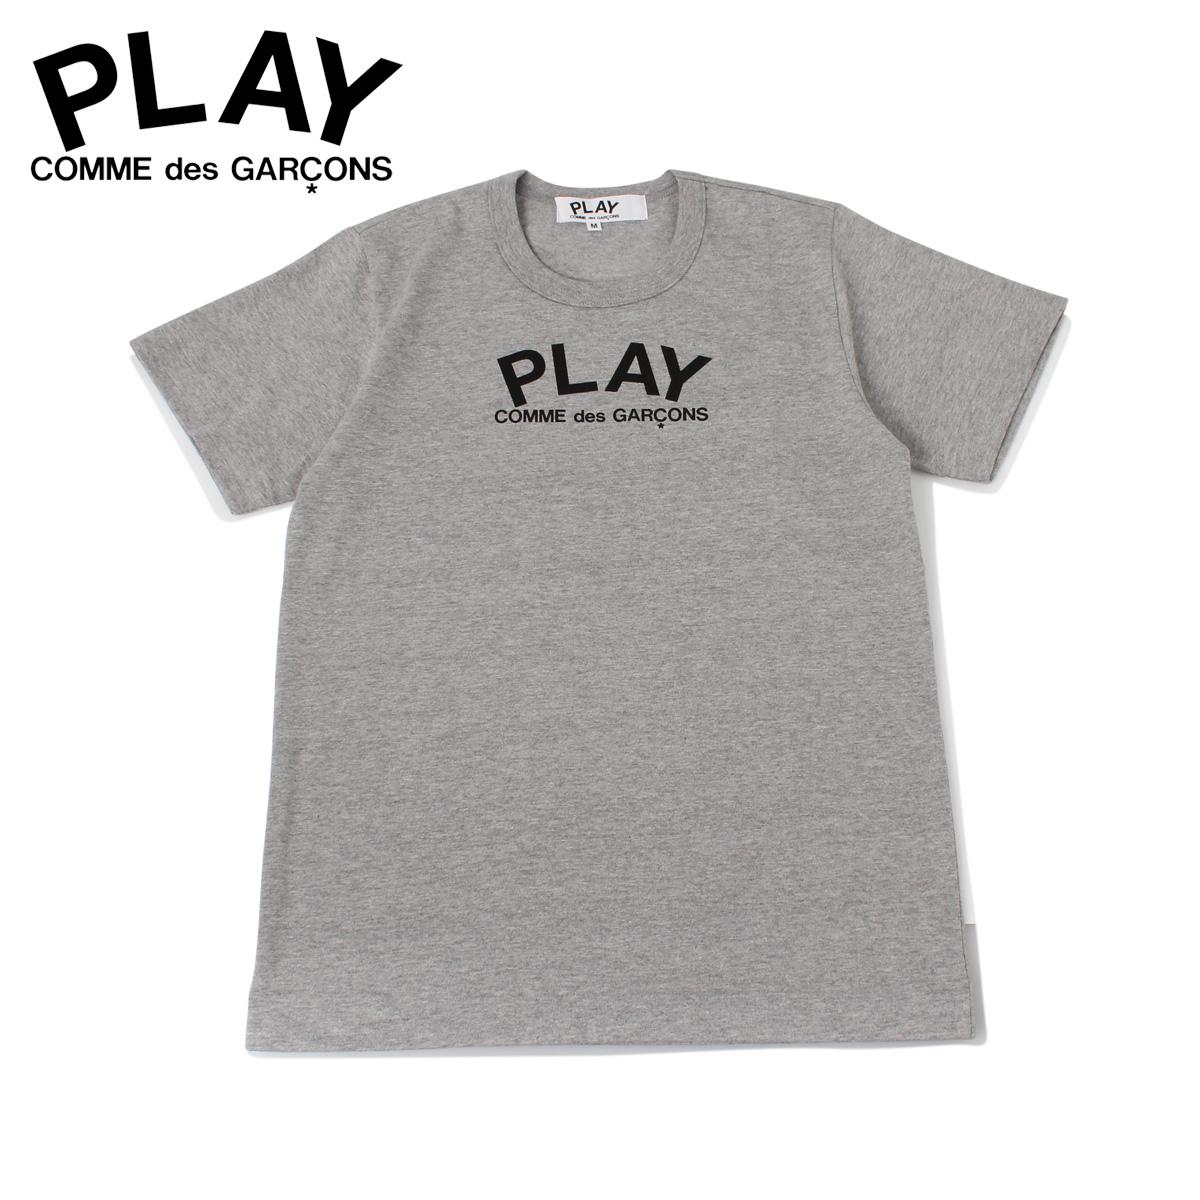 PLAY COMME des GARCONS プレイ コムデギャルソン Tシャツ 半袖 レディース PLAY グレー T0710511